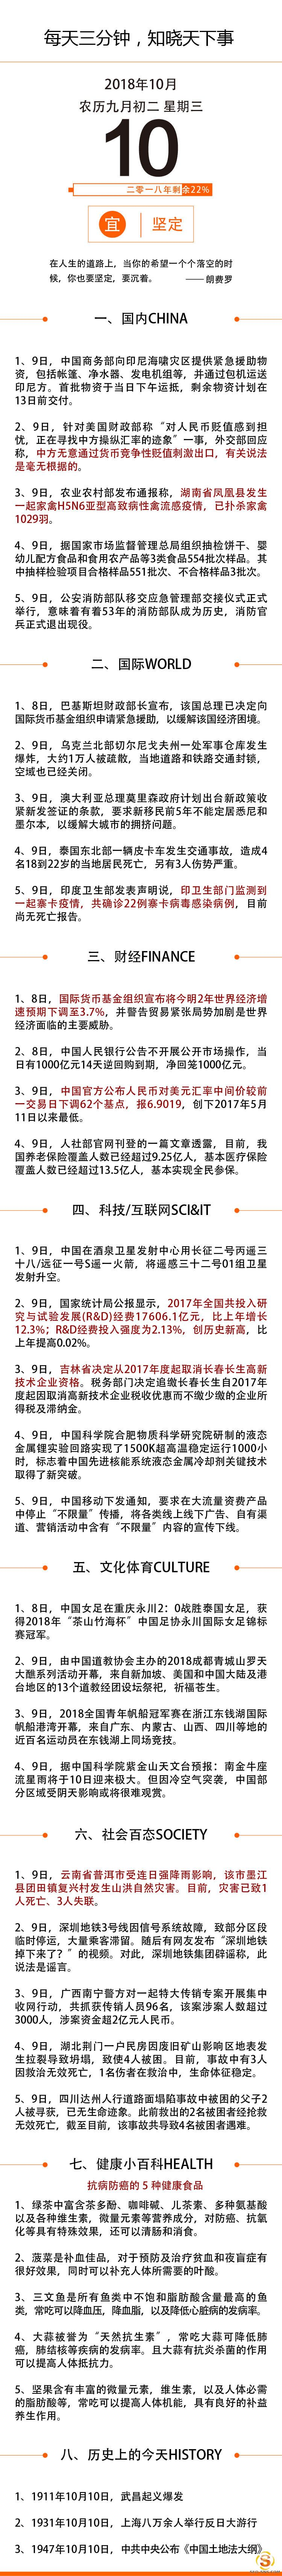 【网络营销顾问】2018年10月10日国内外新闻资讯快报